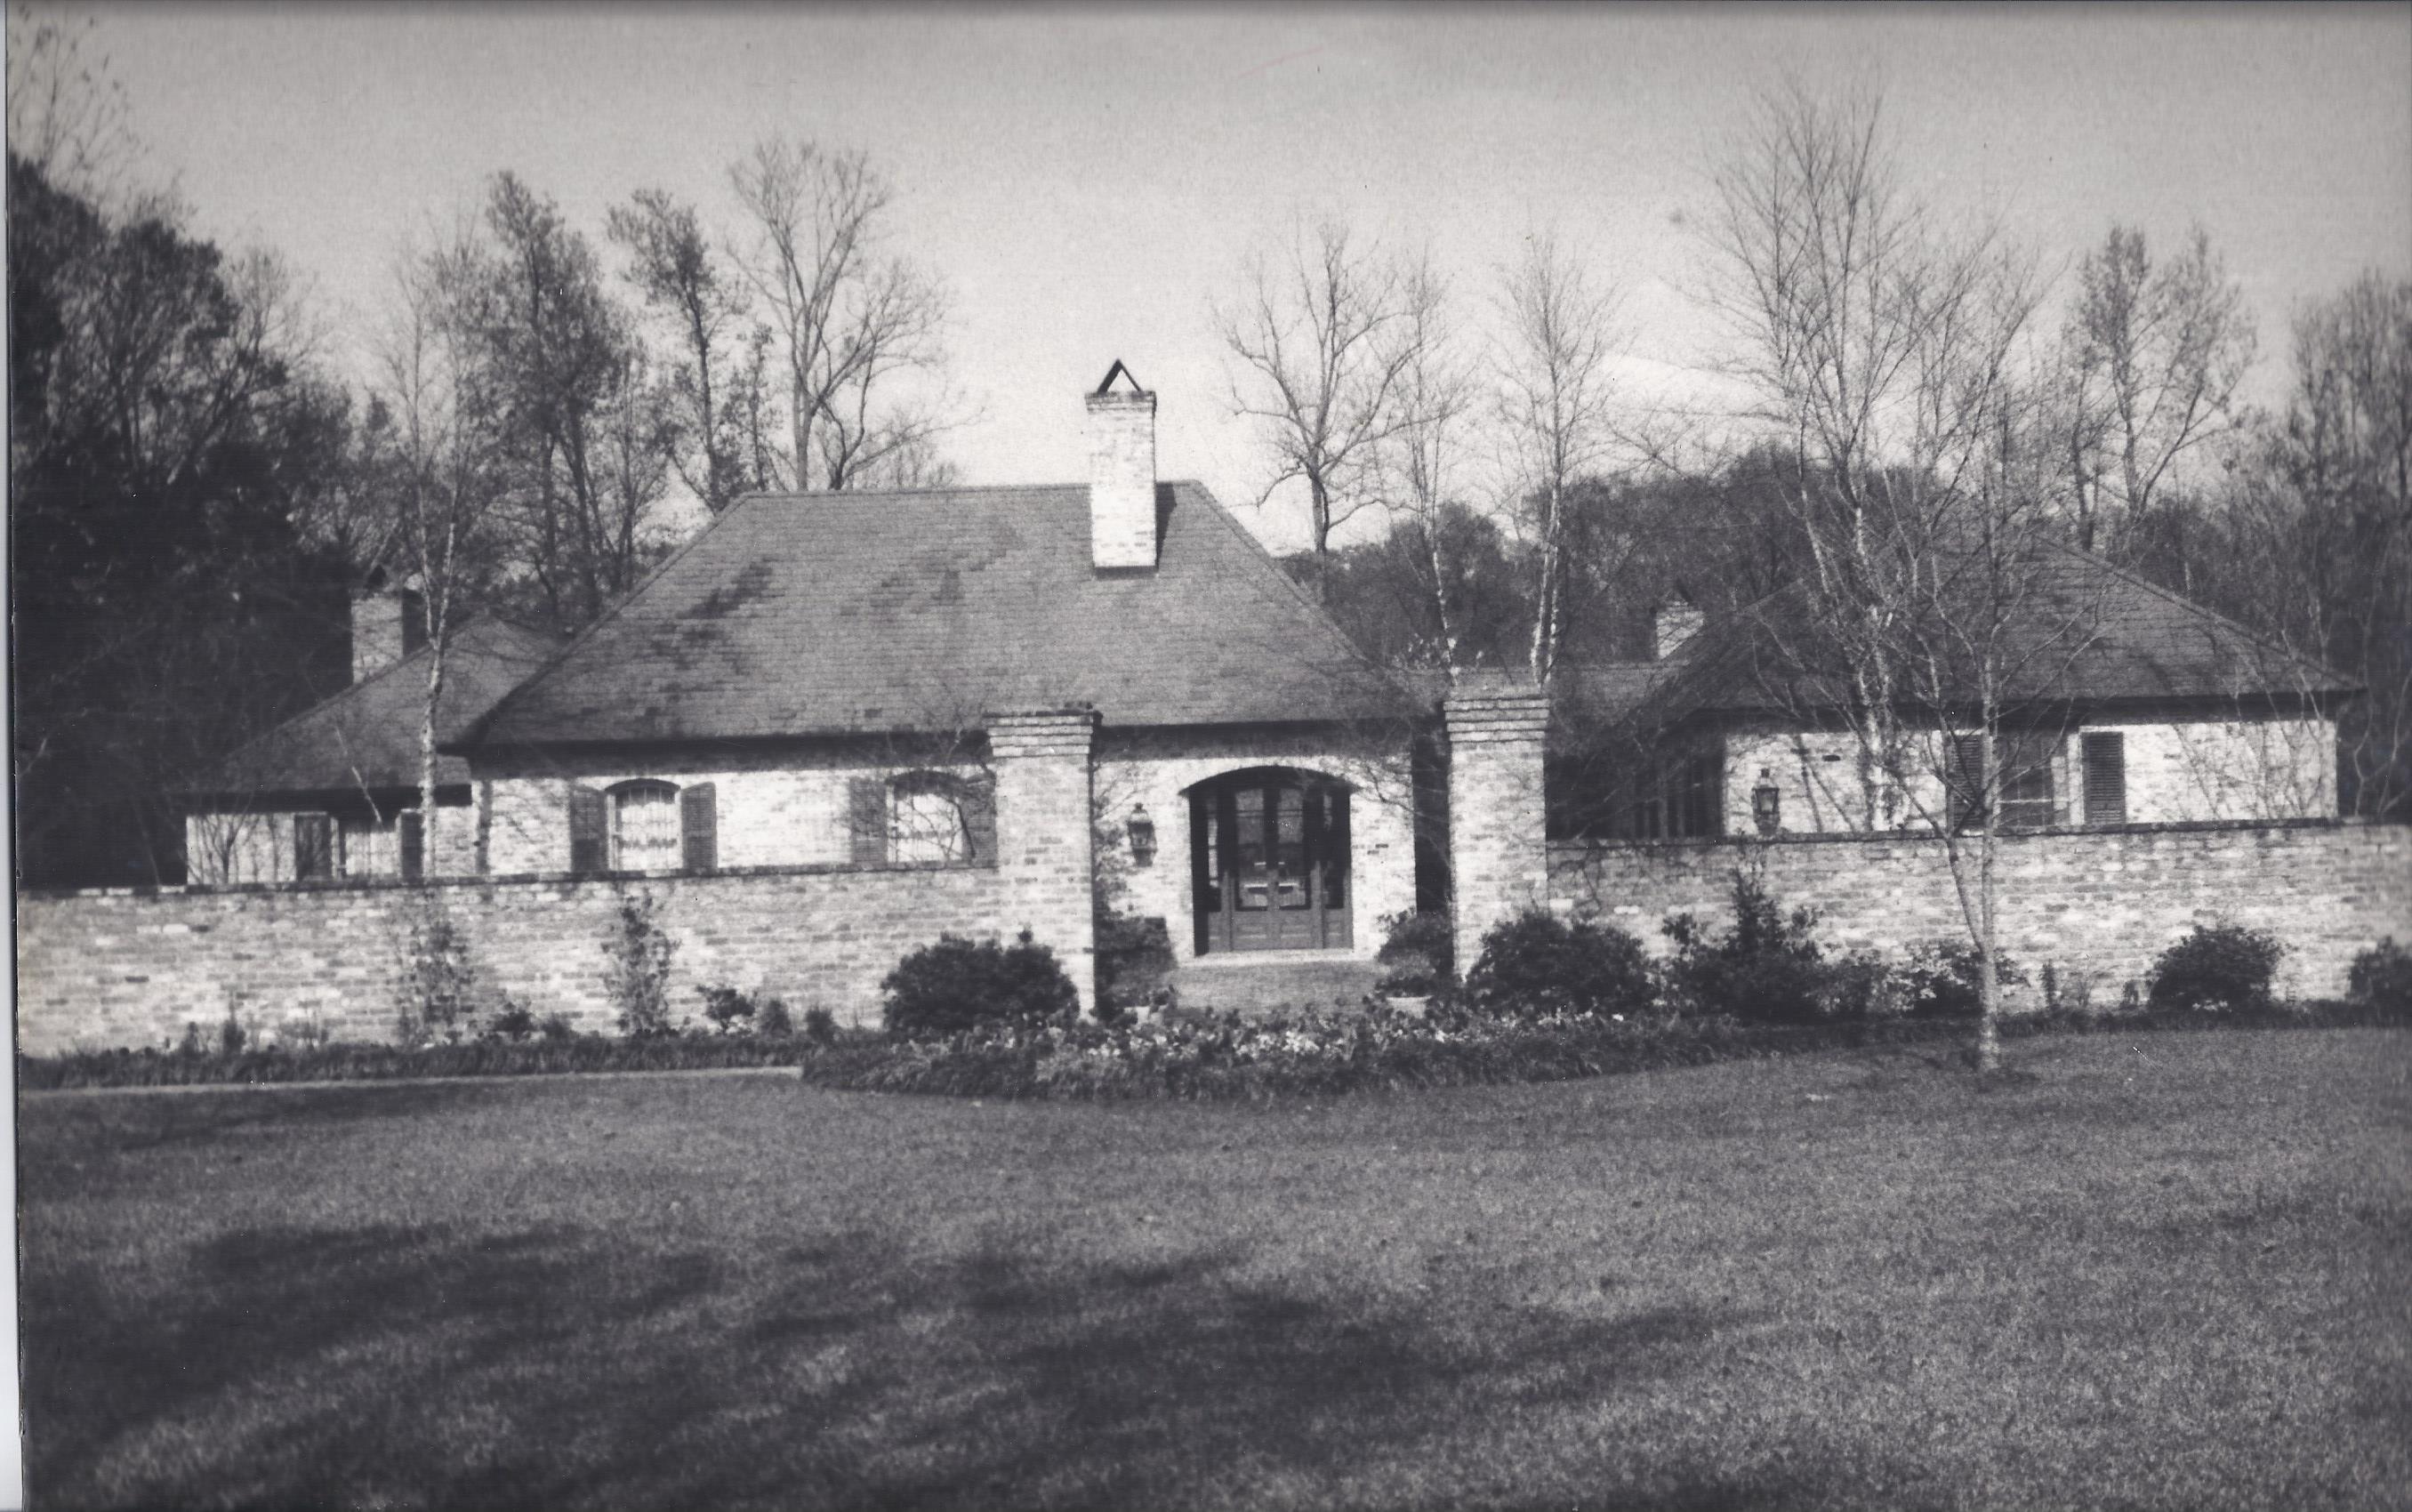 John Boyce Home. Baton Rouge, LA A Hays Town, Architect